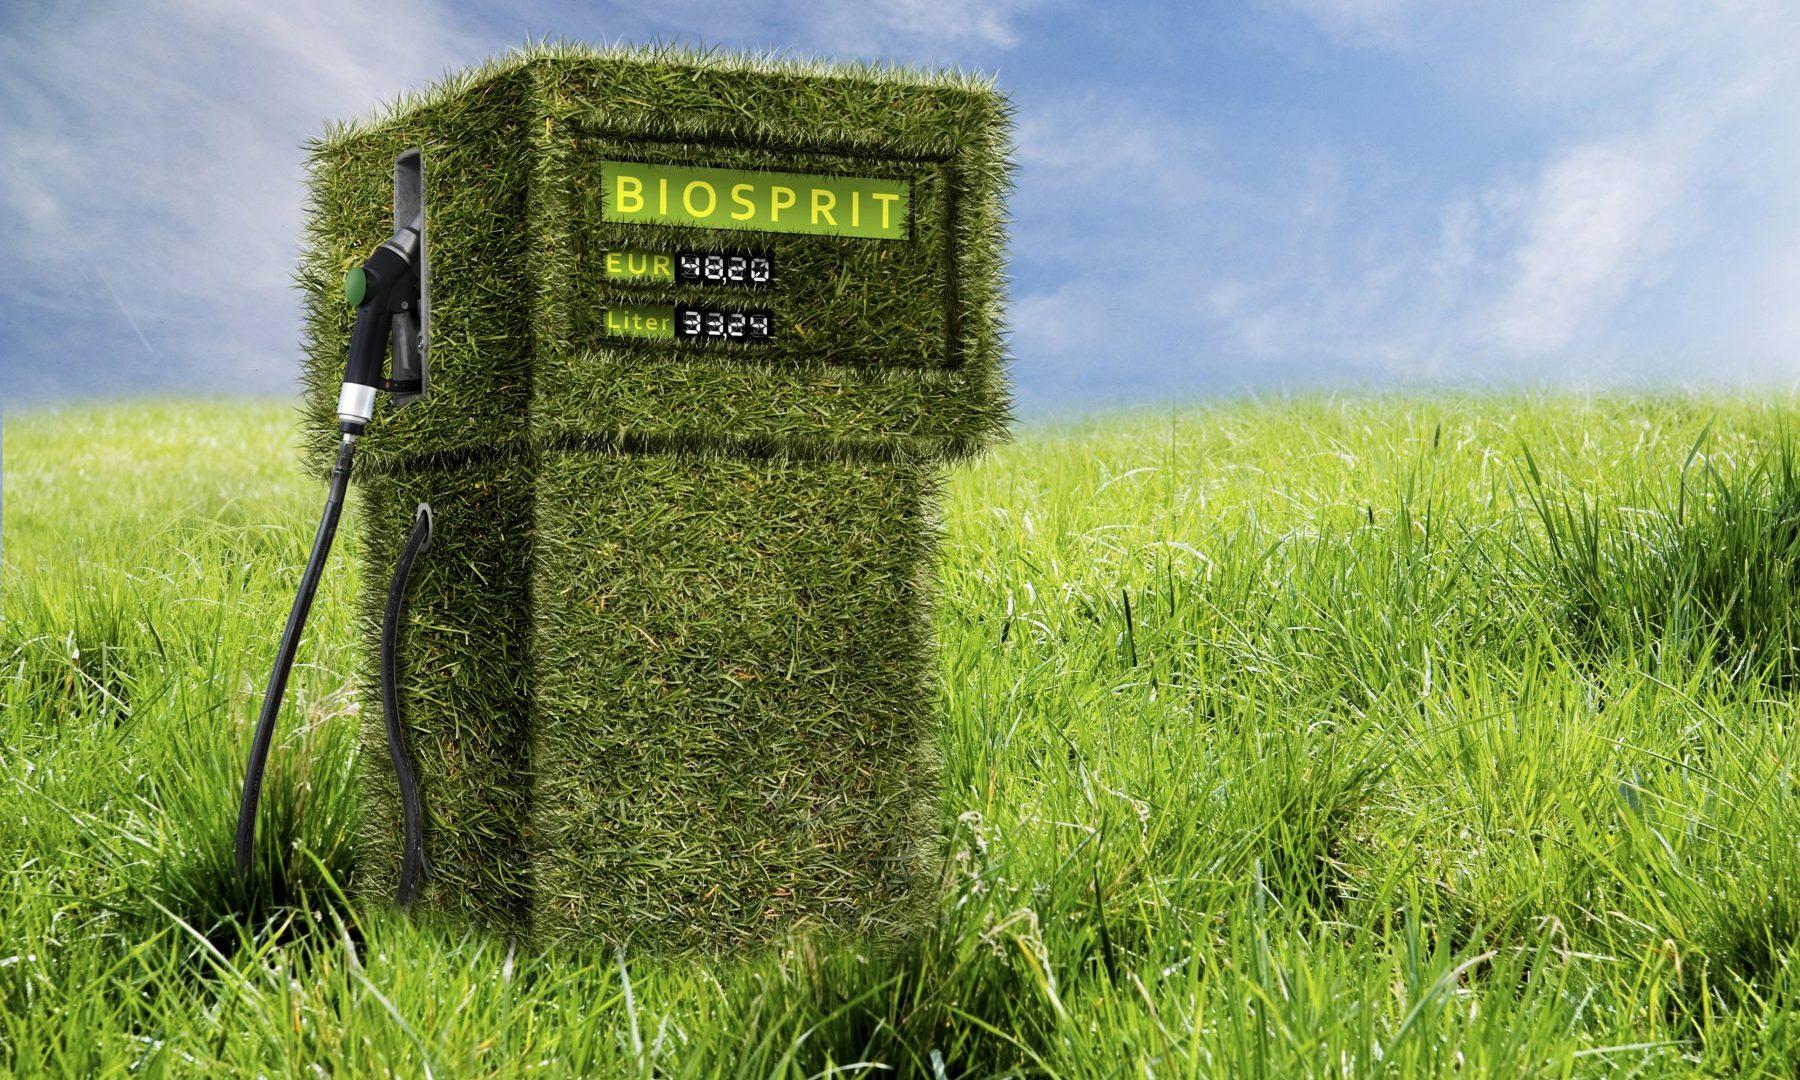 Un carburant à base d'algues c'est possible (et c'est pour bientôt)